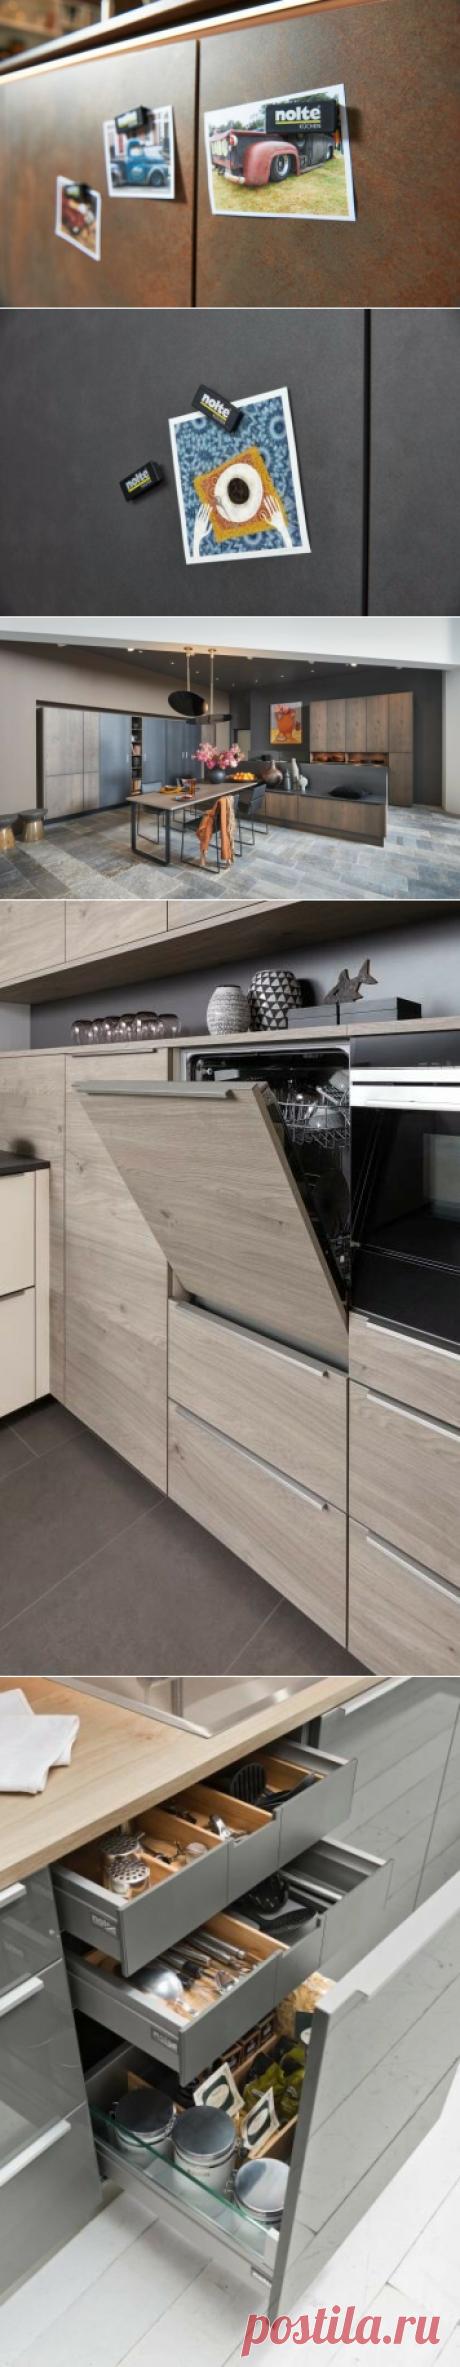 9 причин сказать WOW про вашу кухню + идеи специально для маленьких кухонь | Nolte Küchen | Яндекс Дзен